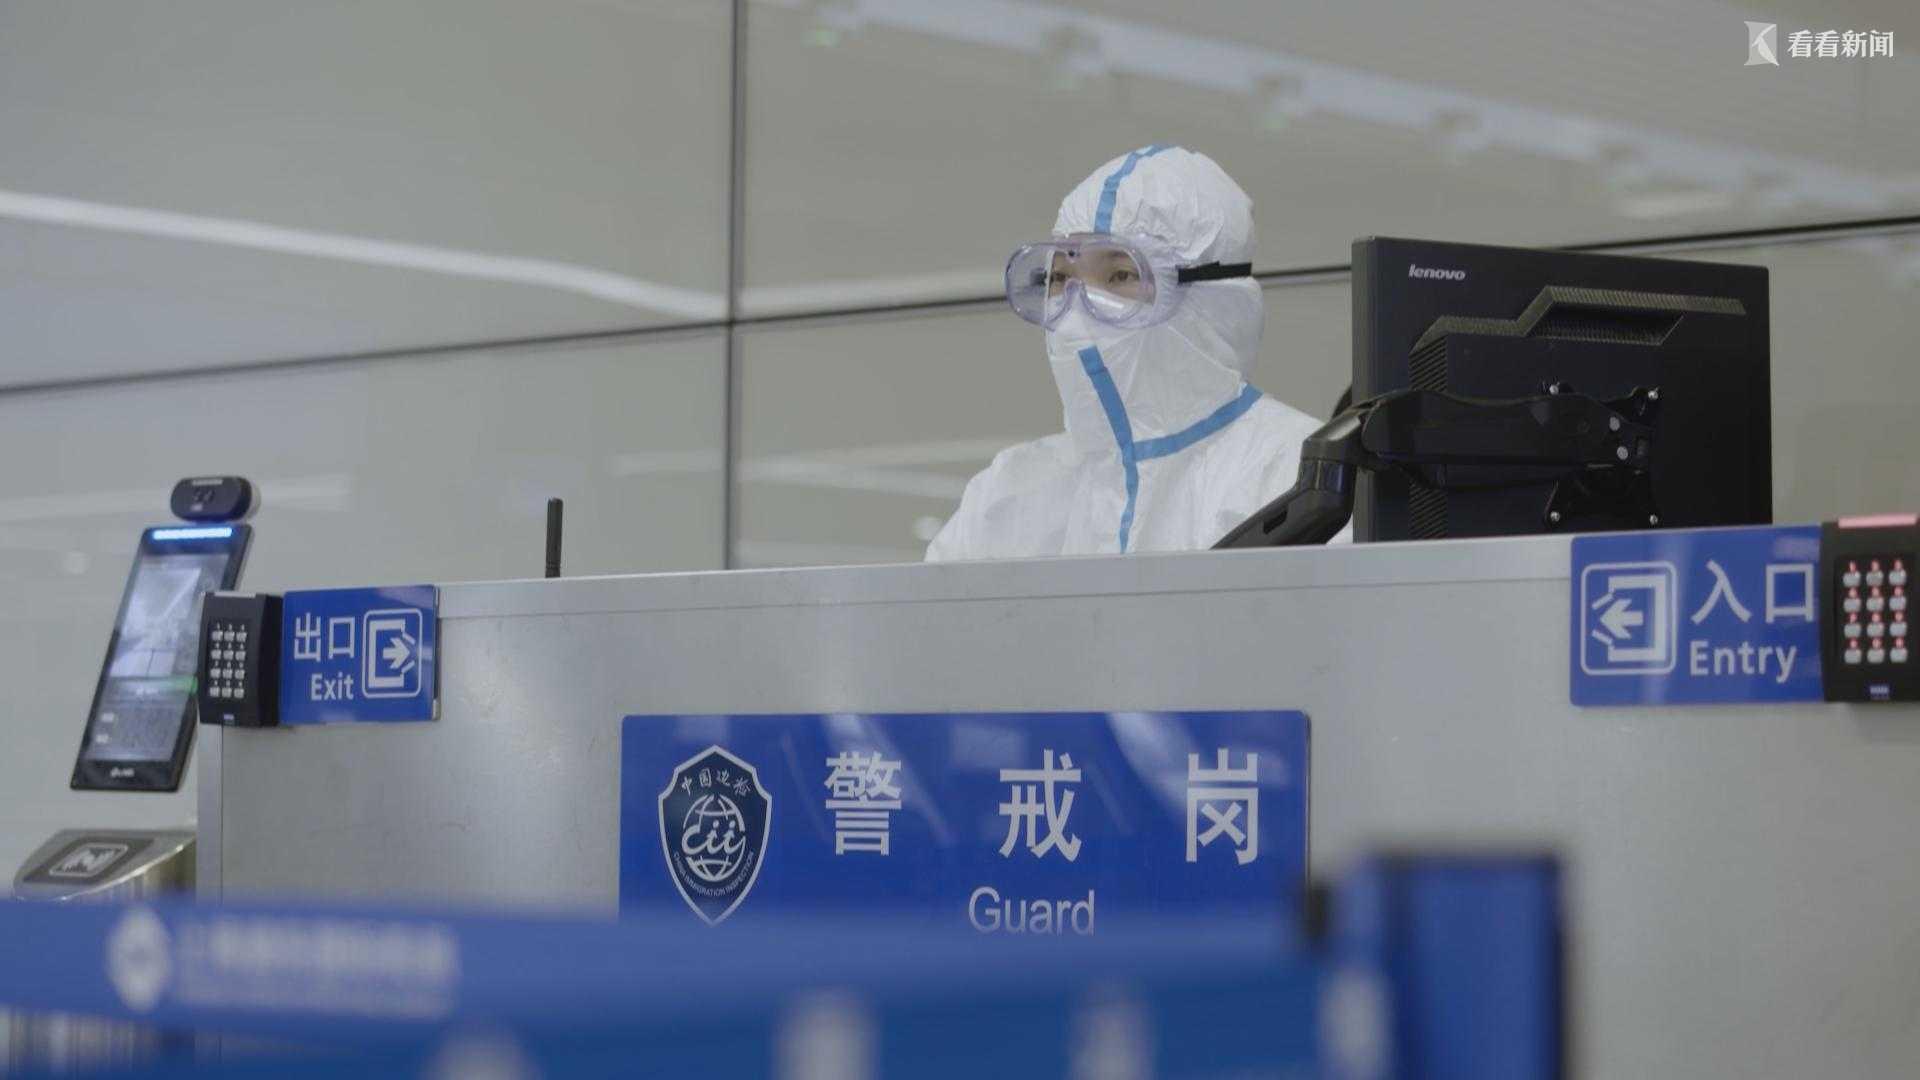 【杏鑫】视频|浦东机场的安徽杏鑫警察图片